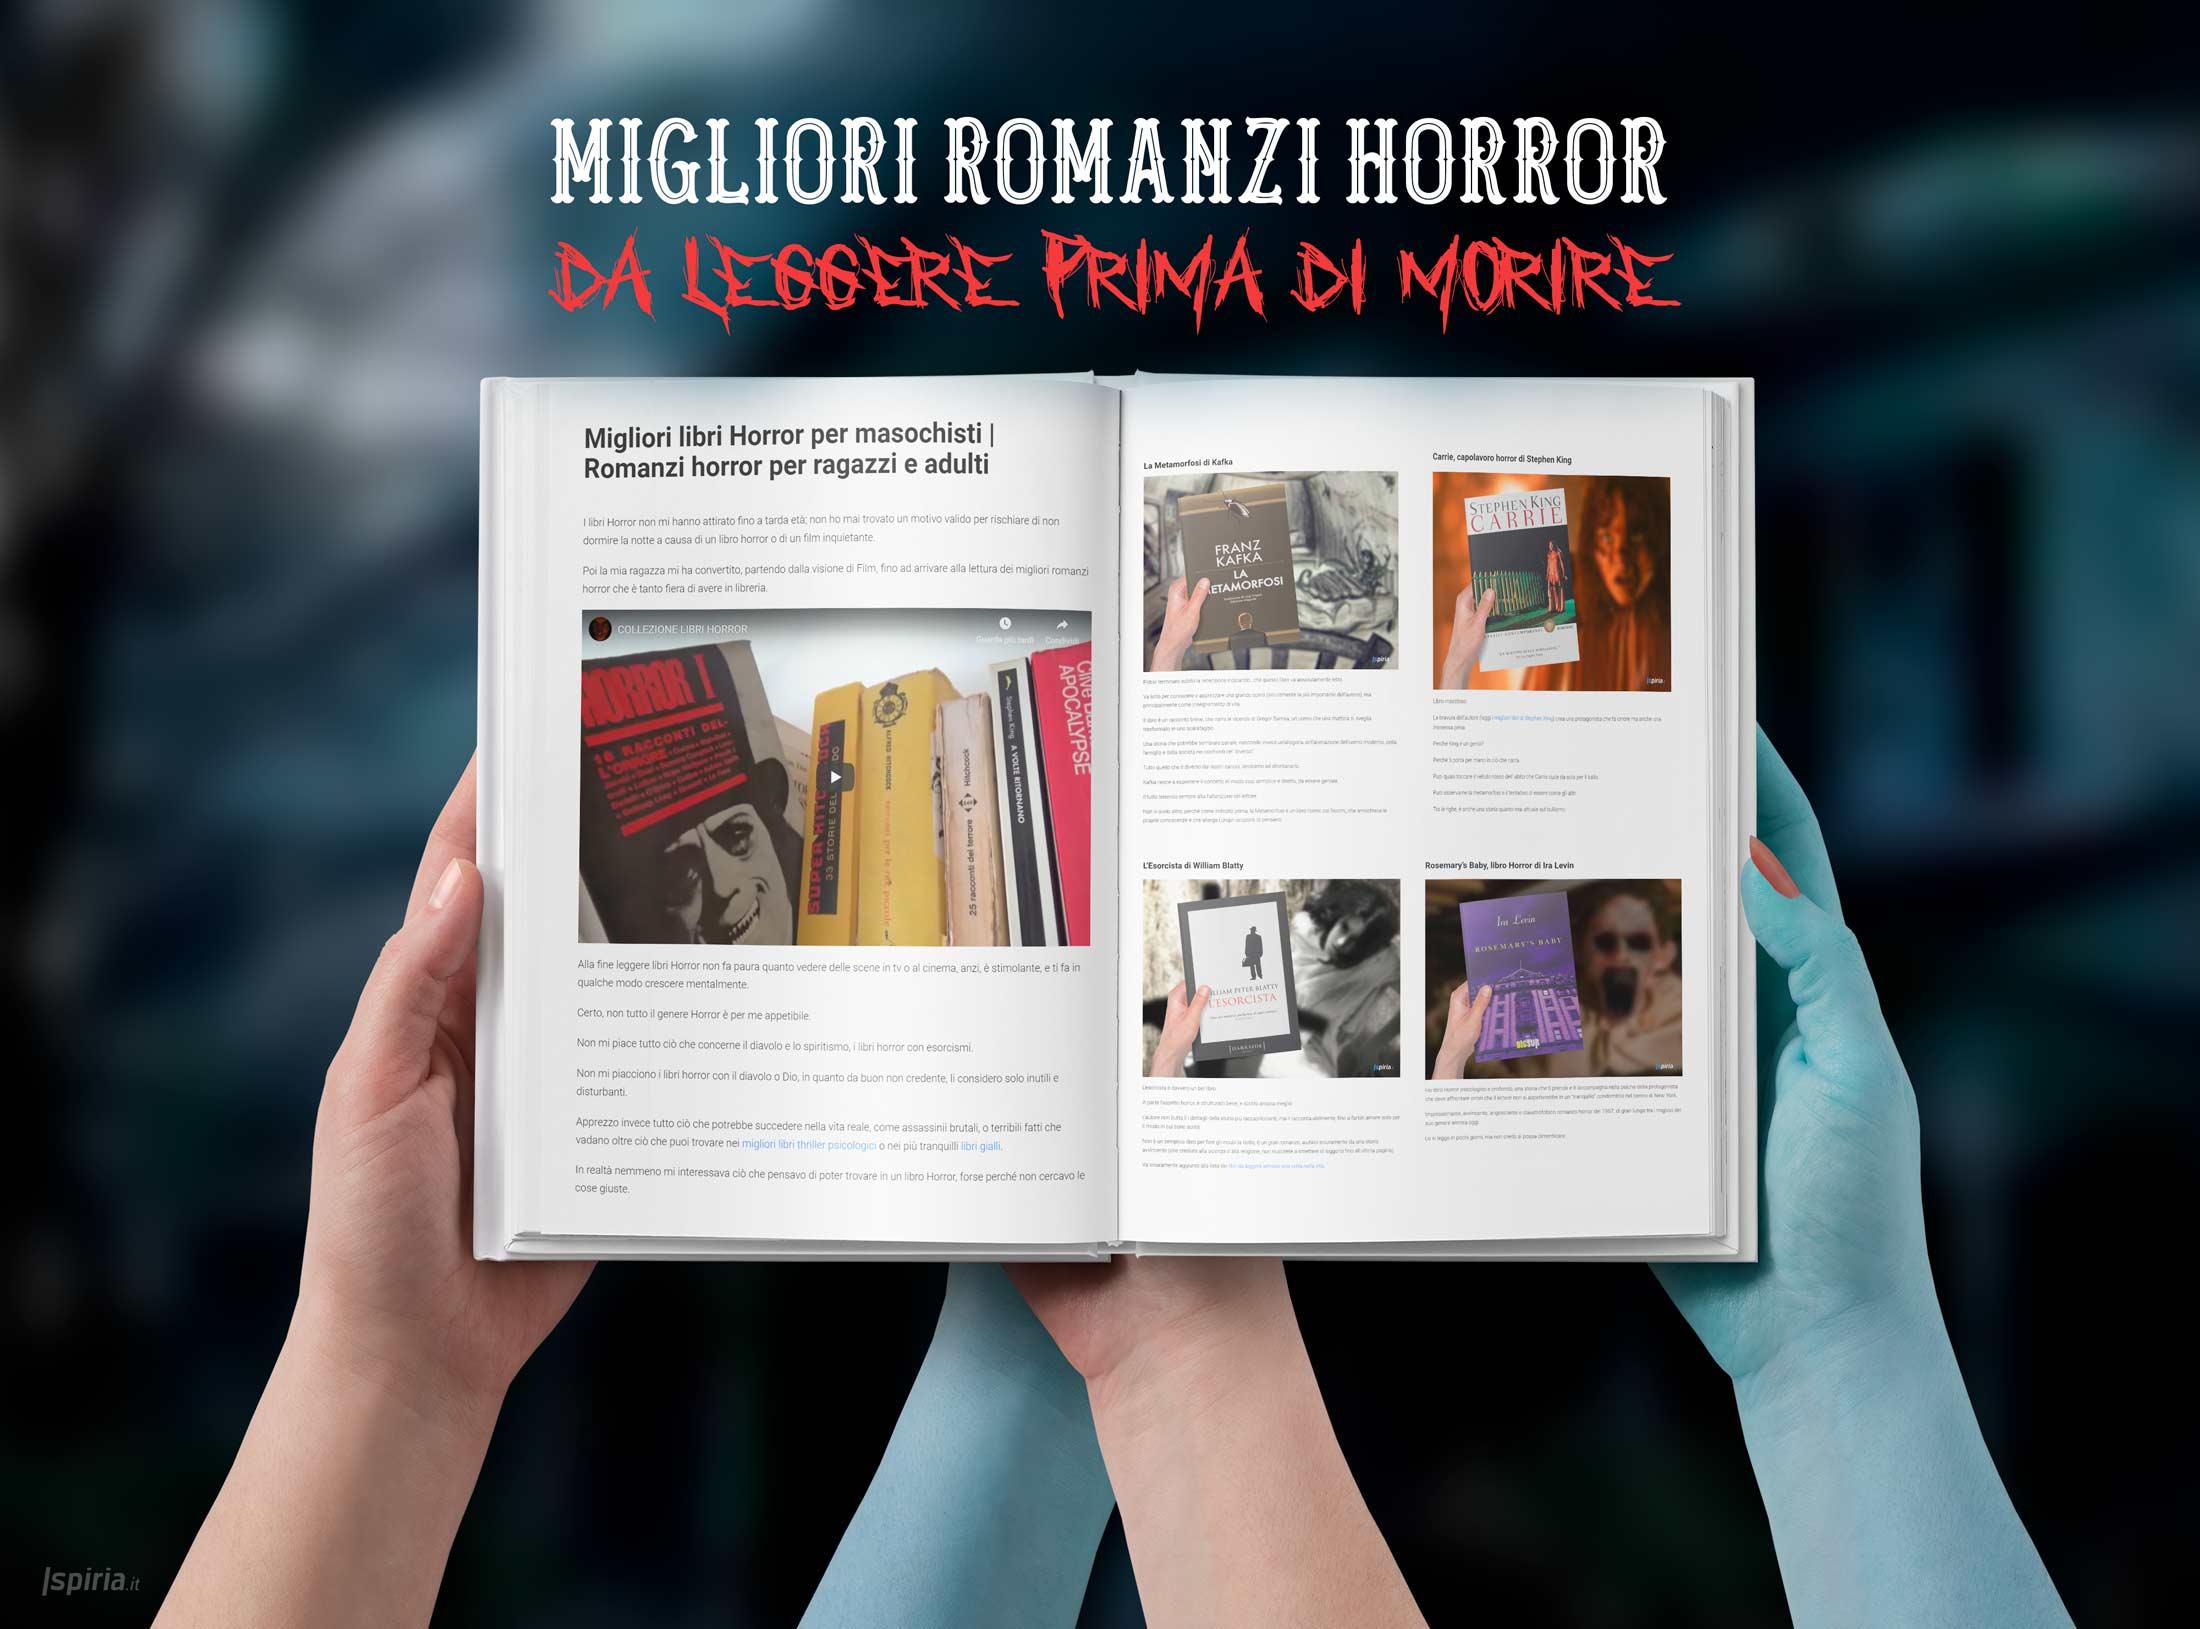 Migliori Libri Horror Per Masochisti | Romanzi Horror Per Ragazzi E Adulti